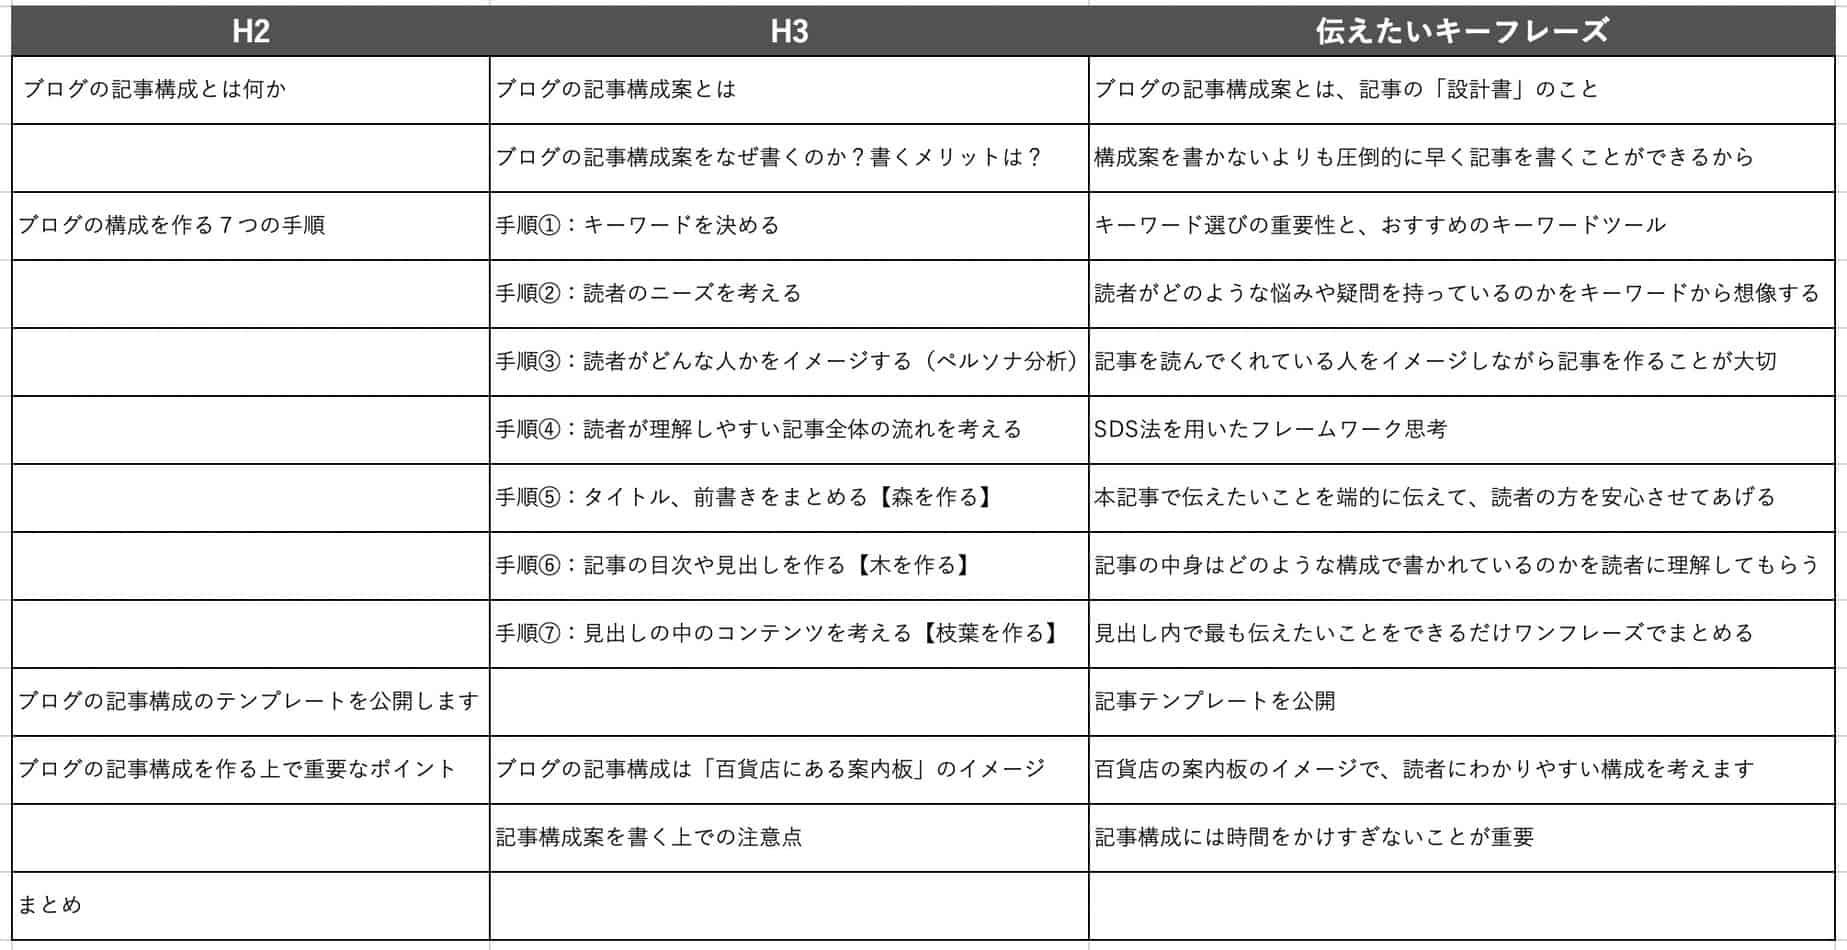 ブログ記事構成テンプレート:記事設計図